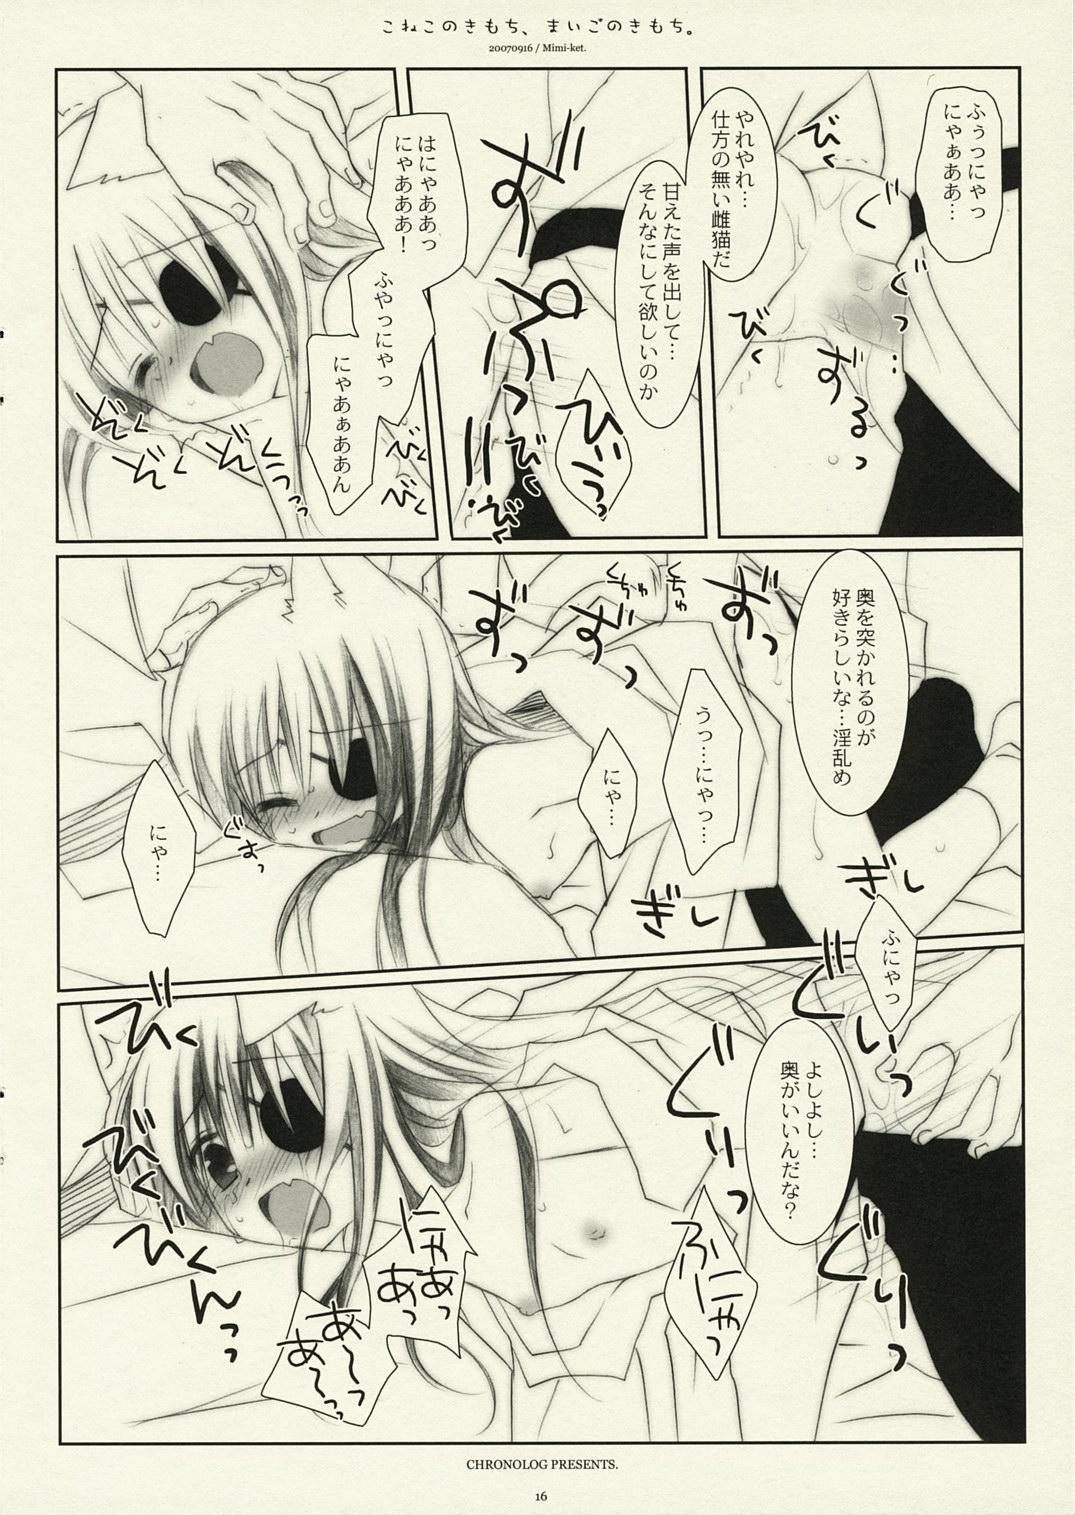 Koneko no Kimochi, Maigo no Kimochi. 14